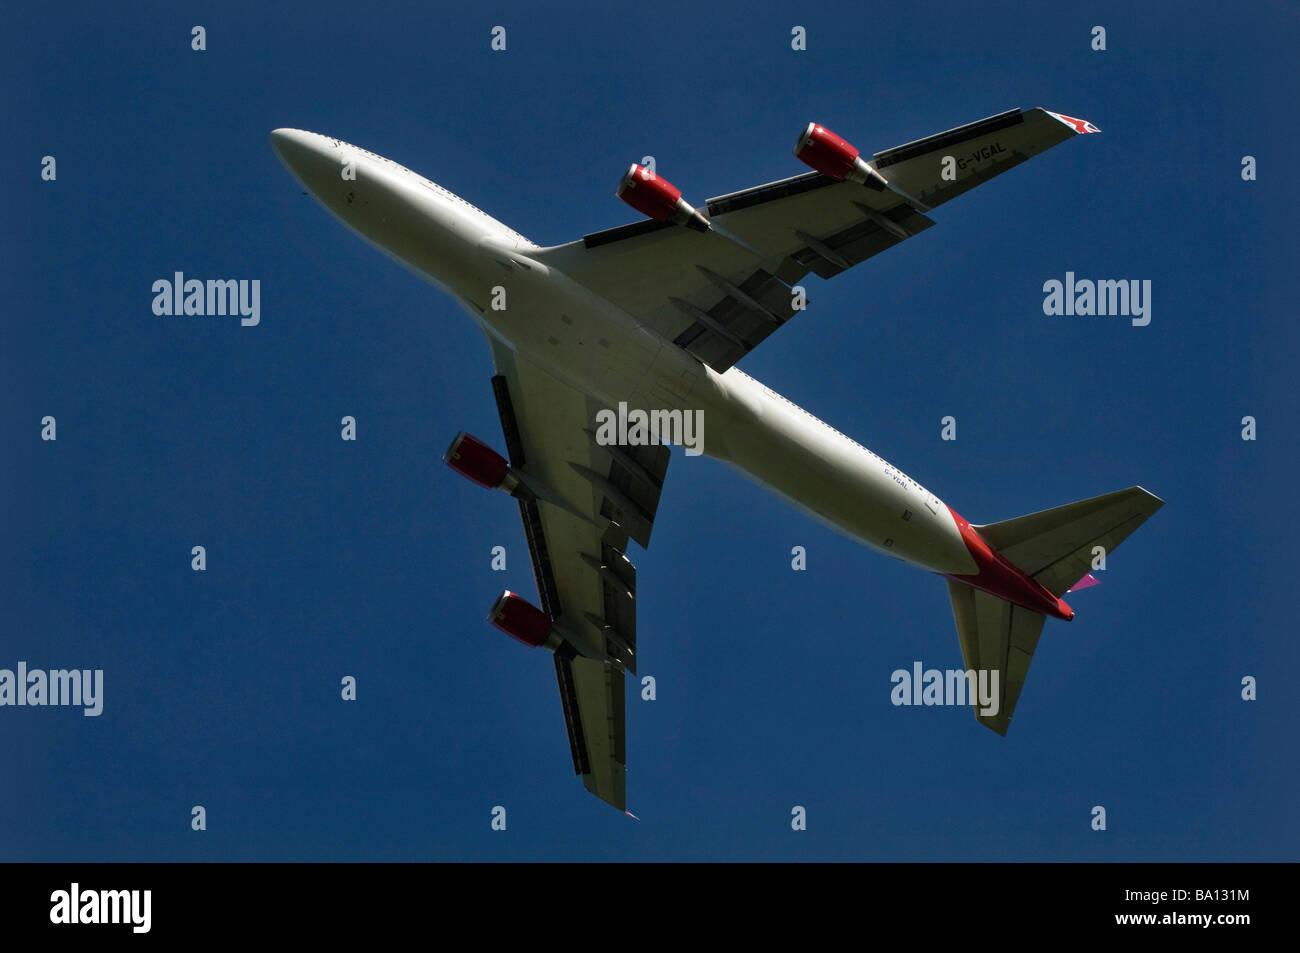 Un Boeing 747 de Virgin Atlantic Jumbo jet décolle de l'aéroport de Gatwick Banque D'Images